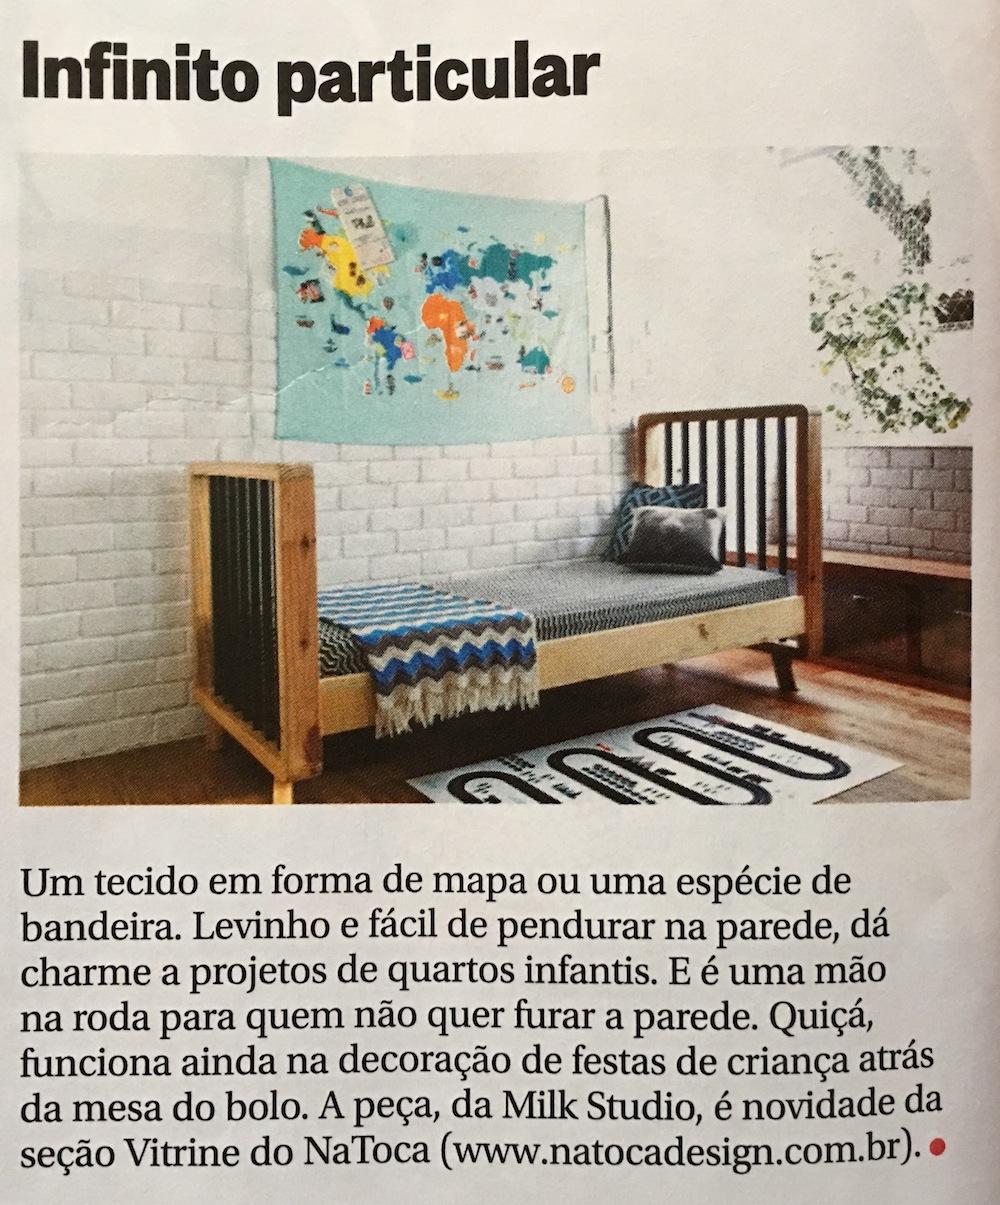 Revista O Globo, outubro de 2016